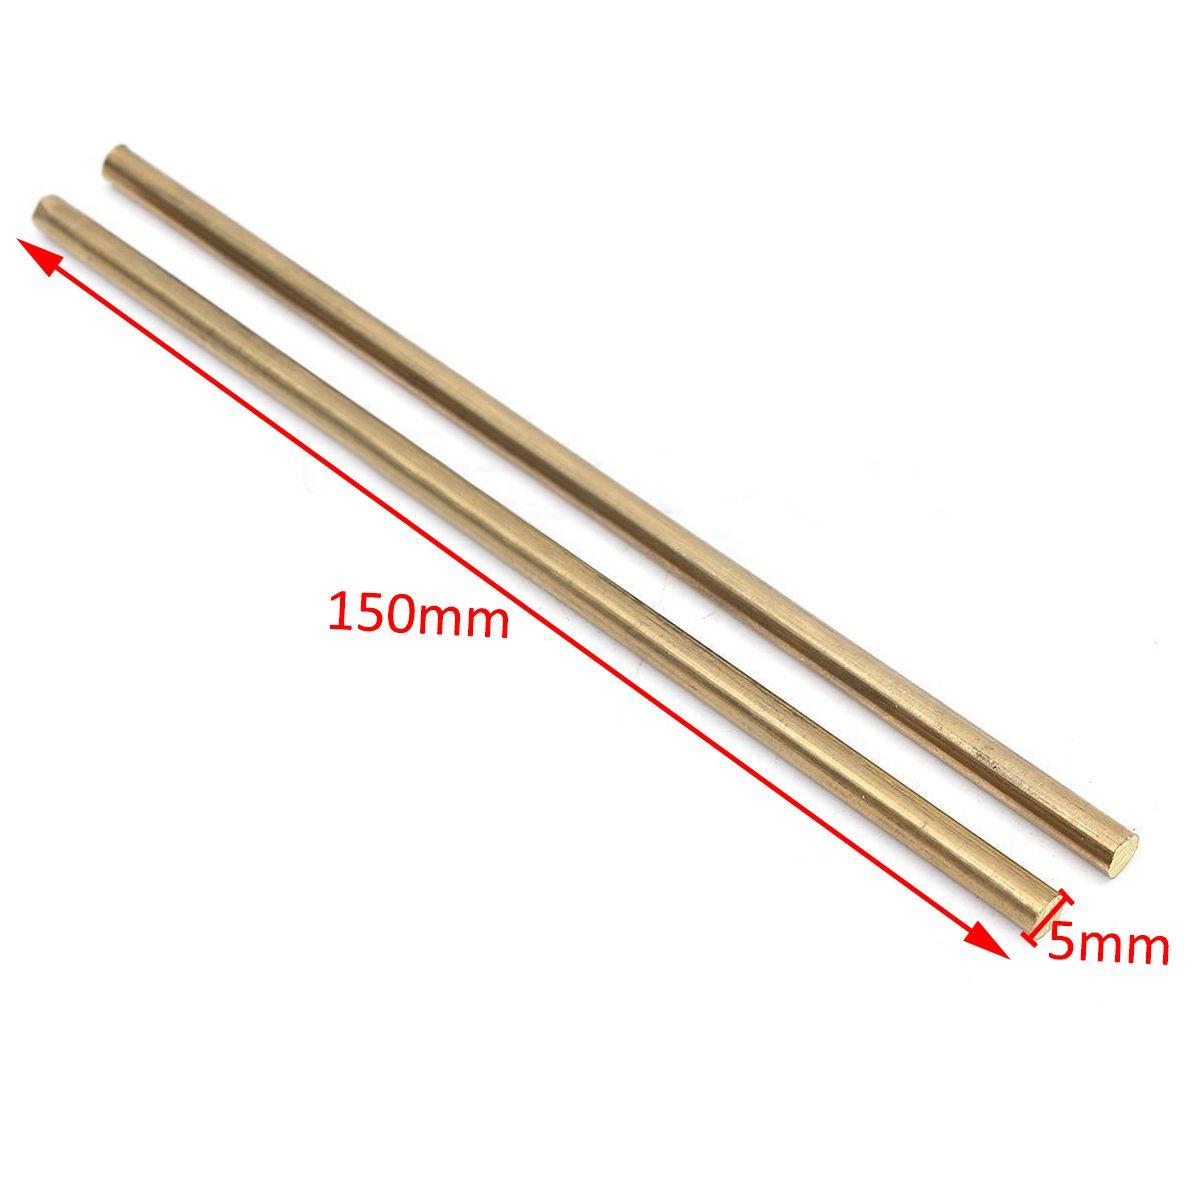 2 teile/los Neue Hervorragende Verformbarkeit Messing Round Rod Pin Ungeschliffen Stange Kupfer Blank Waagen Klinge Griff Messing Stange 1/4 5mm * 150mm